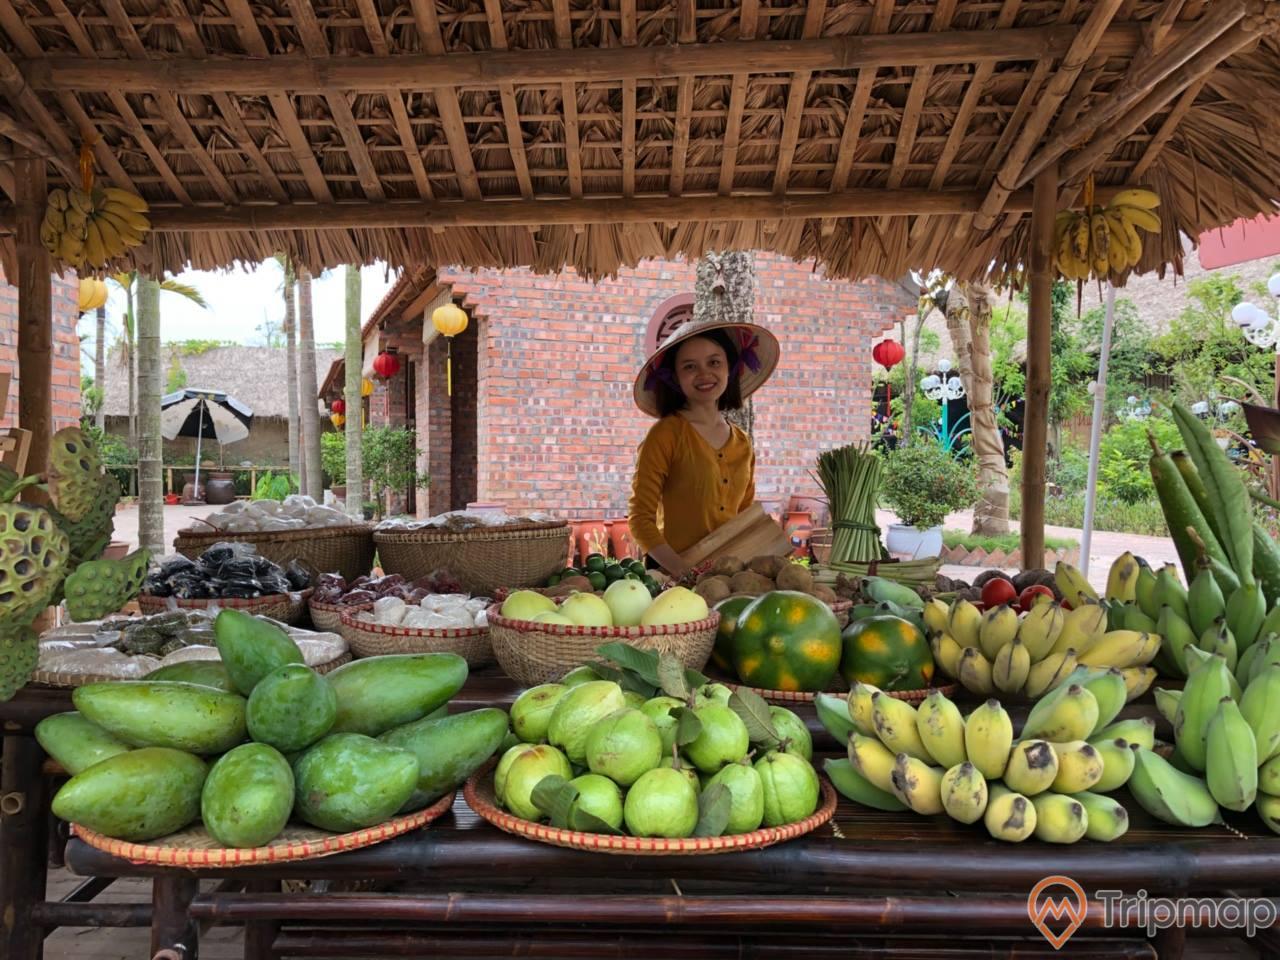 Trái cây địa phương đượcngười dân bày bán tại khu chợ quê